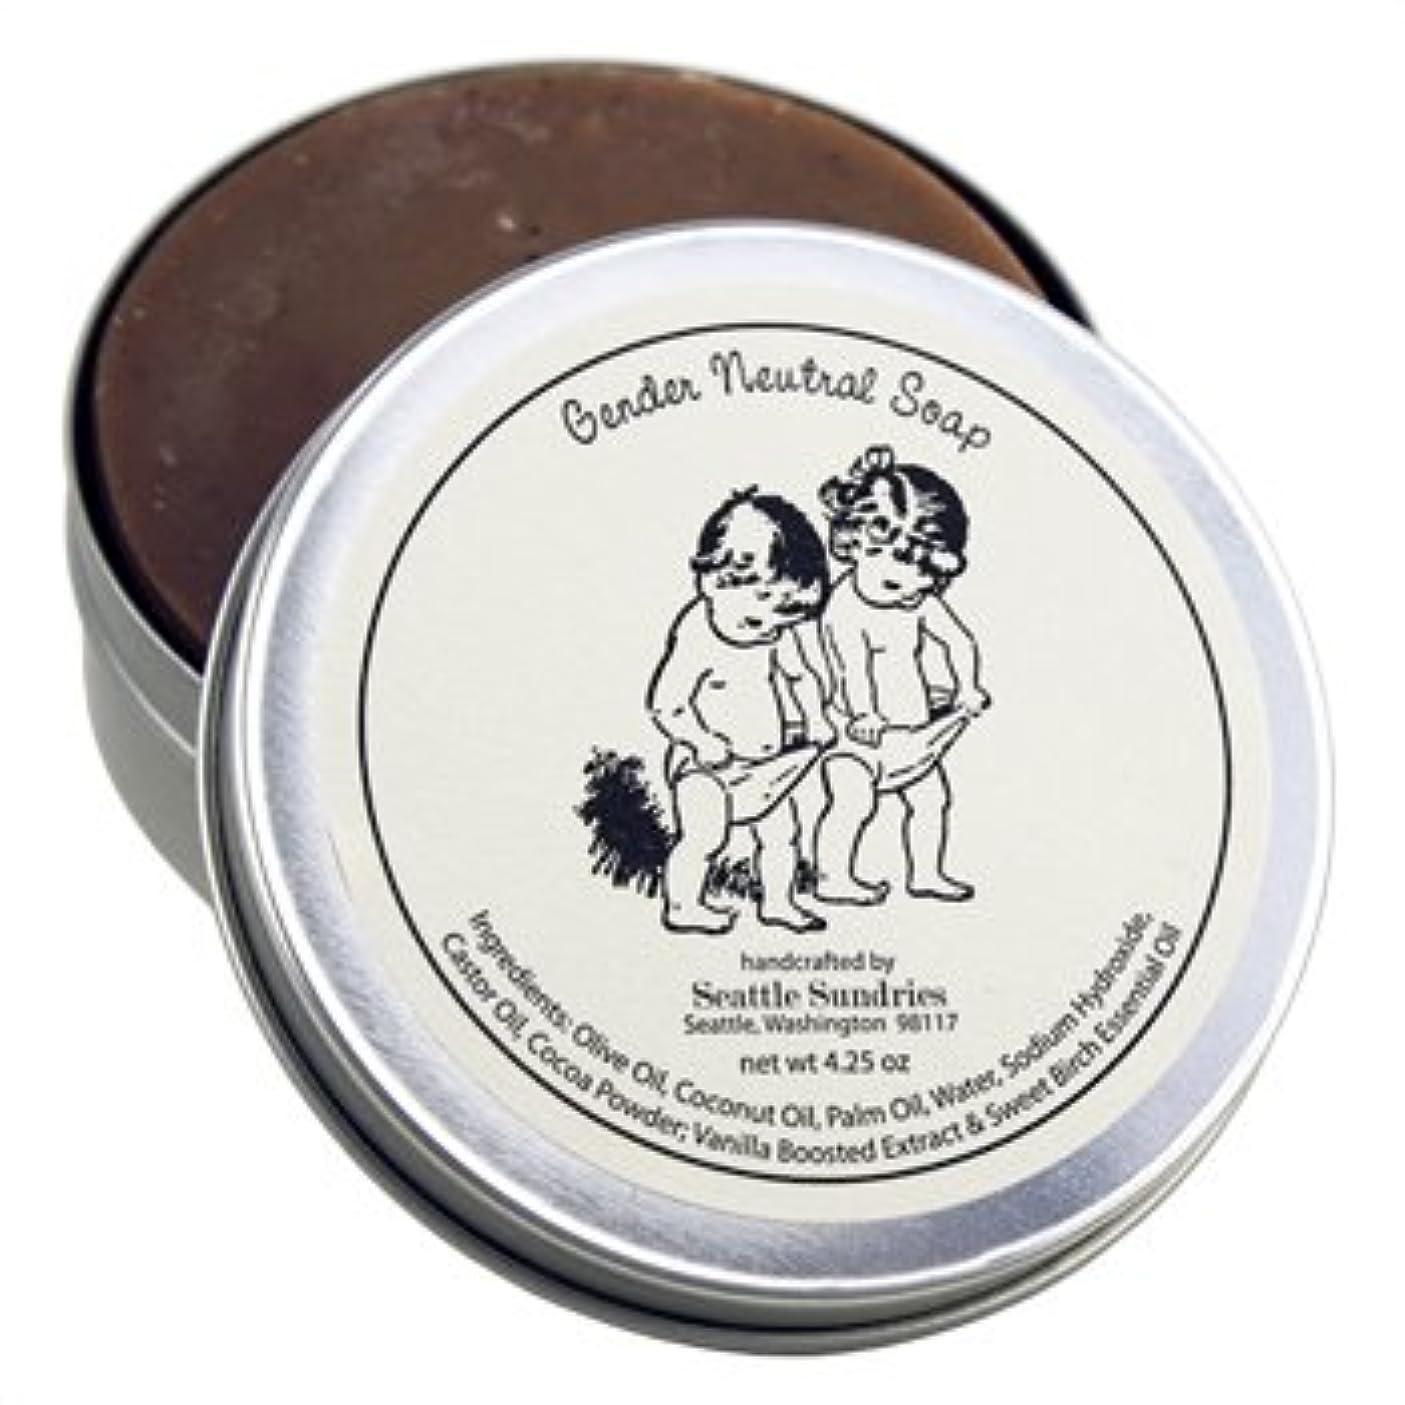 ディスコ玉スキニーシアトル石鹸 Gender Neutral / 石鹸を愛する全ての人へ Seattle Sundries社製